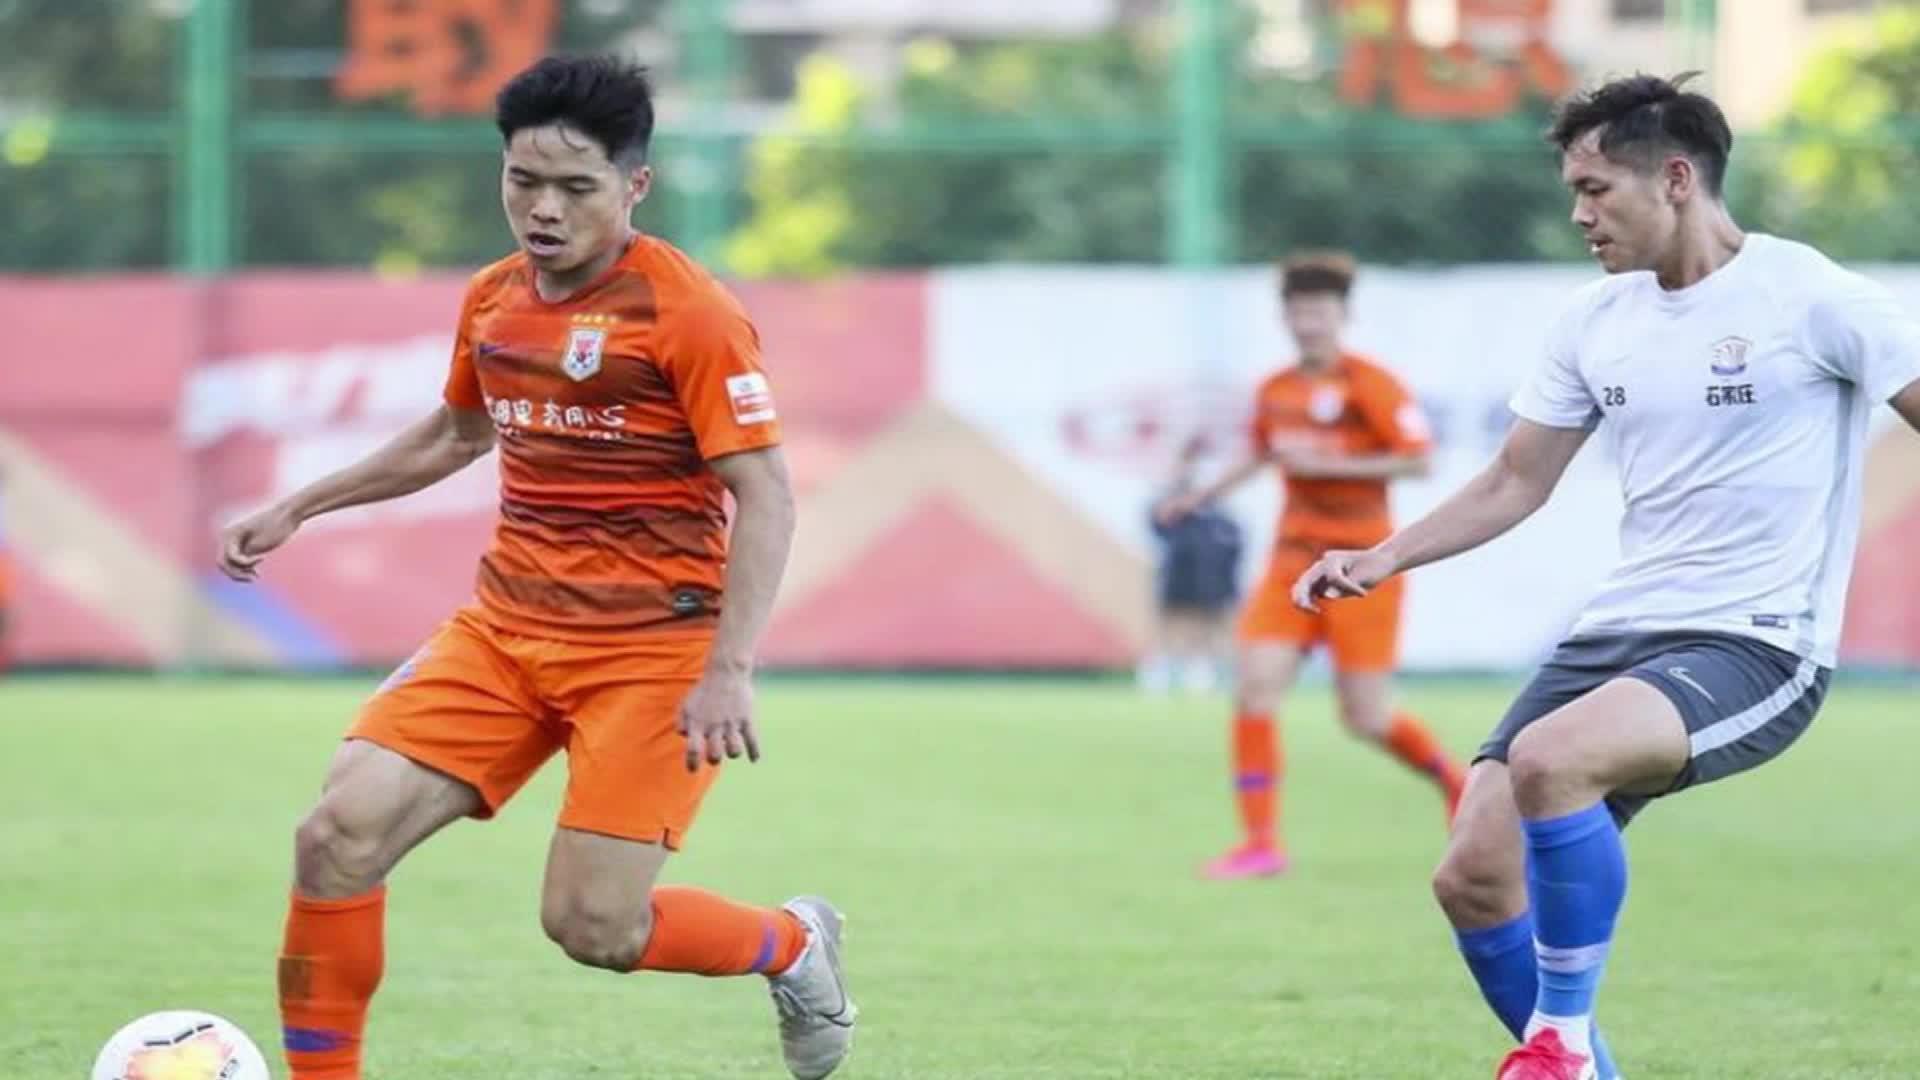 定了!中国足球超级联赛7月25日开踢 赛区在大连和苏州